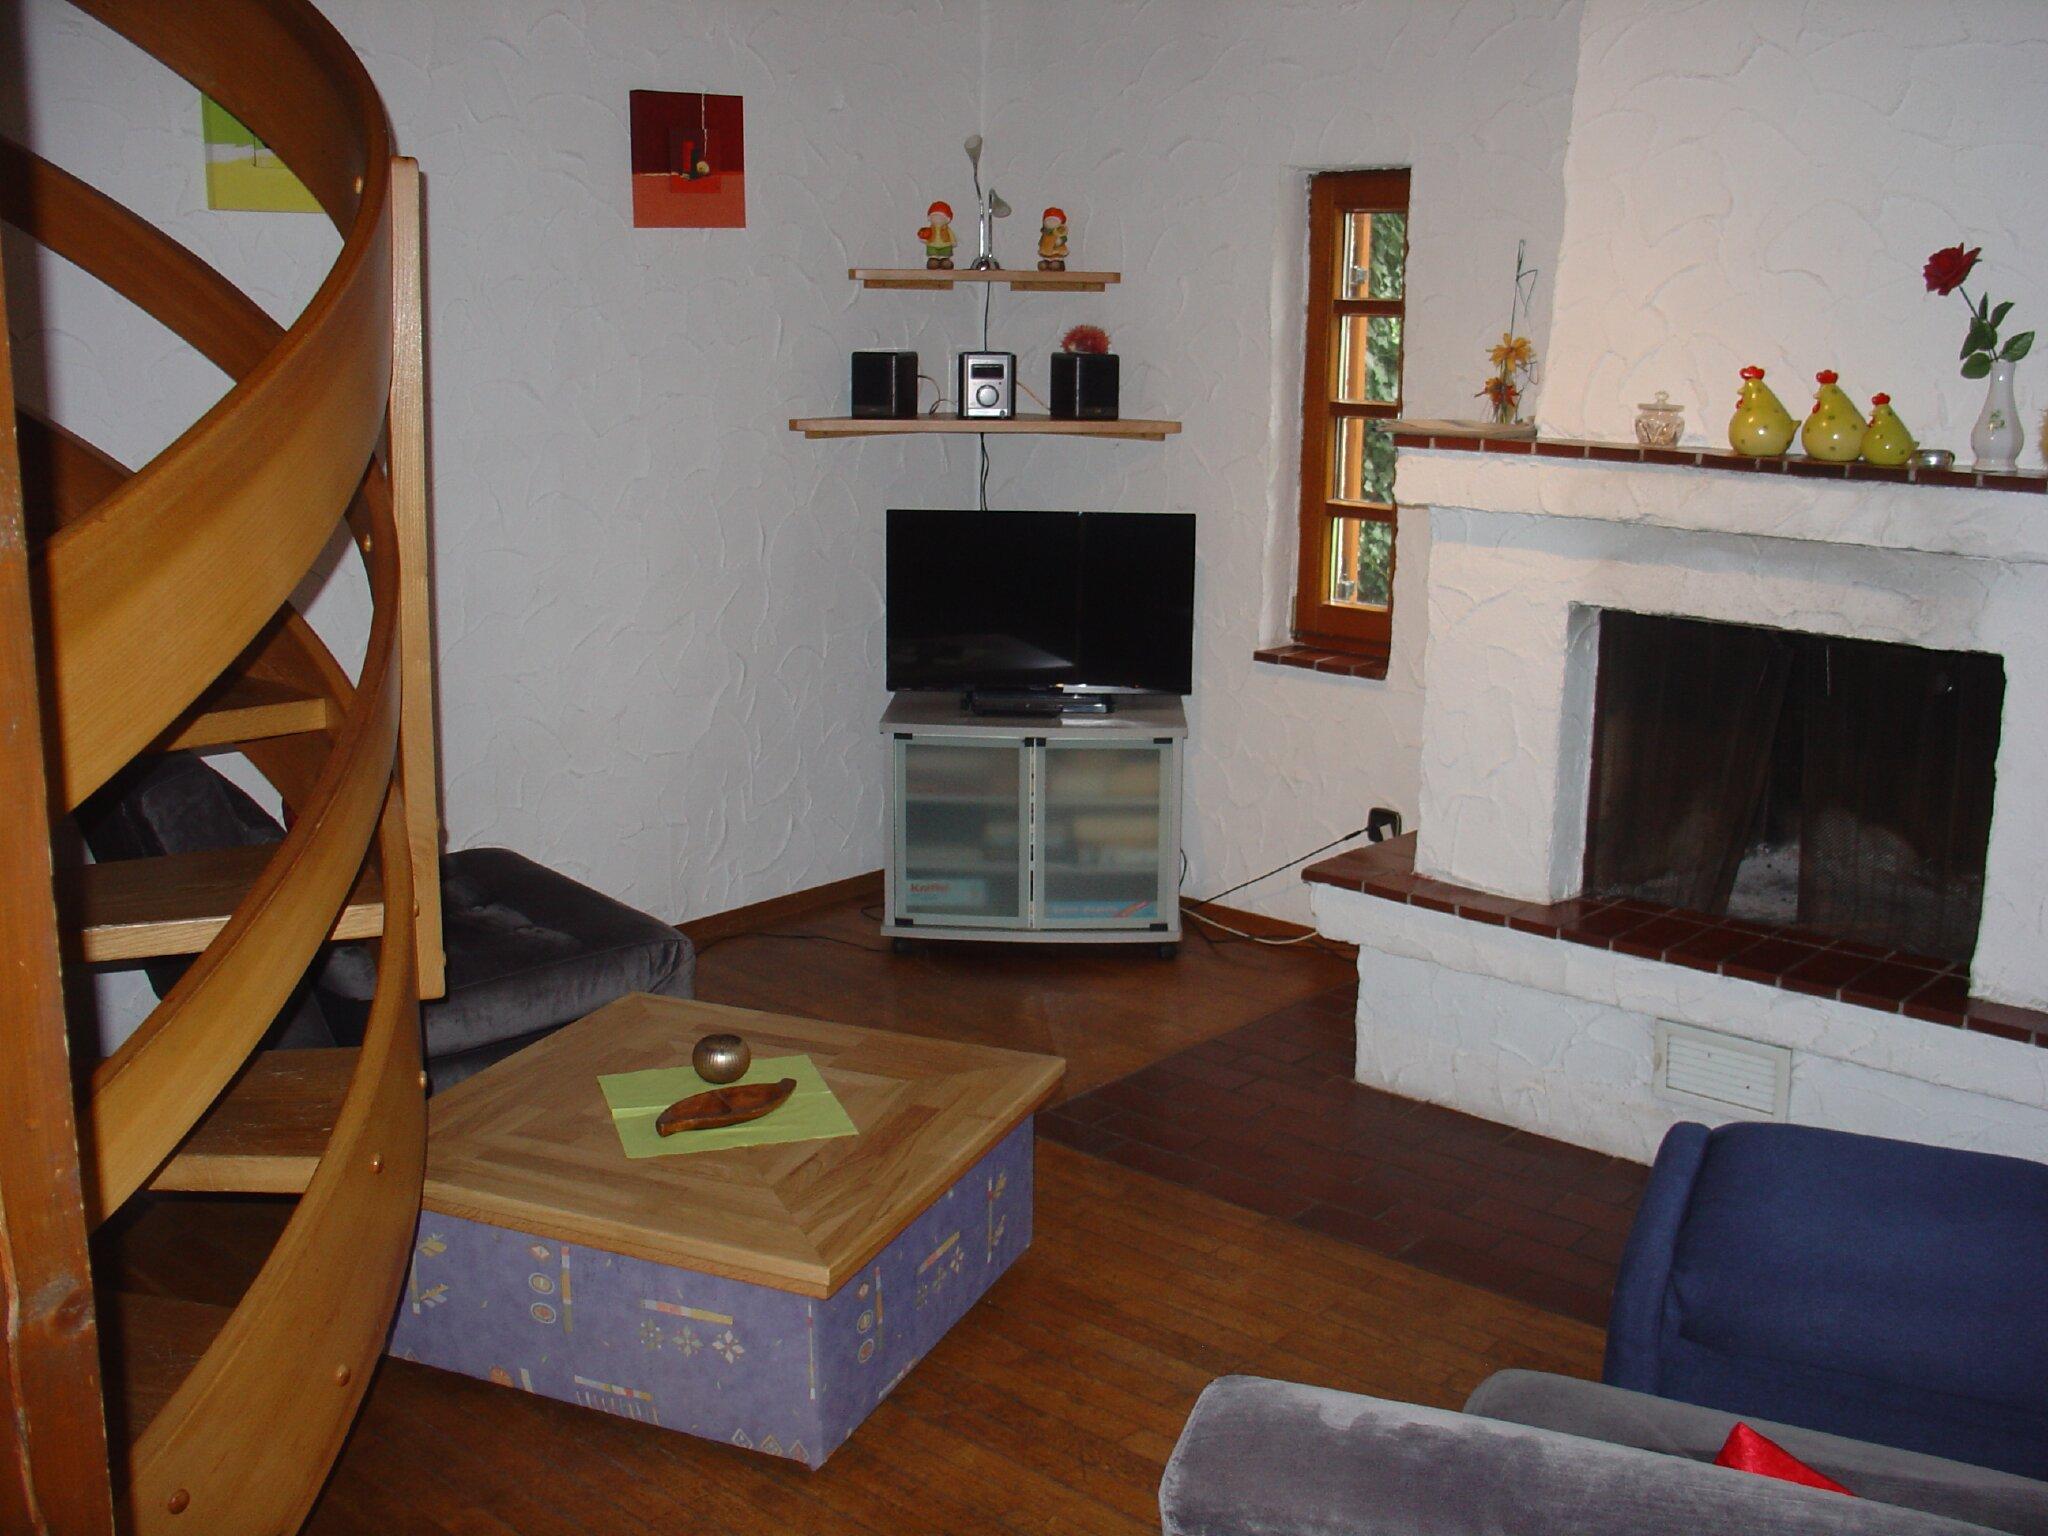 Treppe mit Kamin im Hintergrund